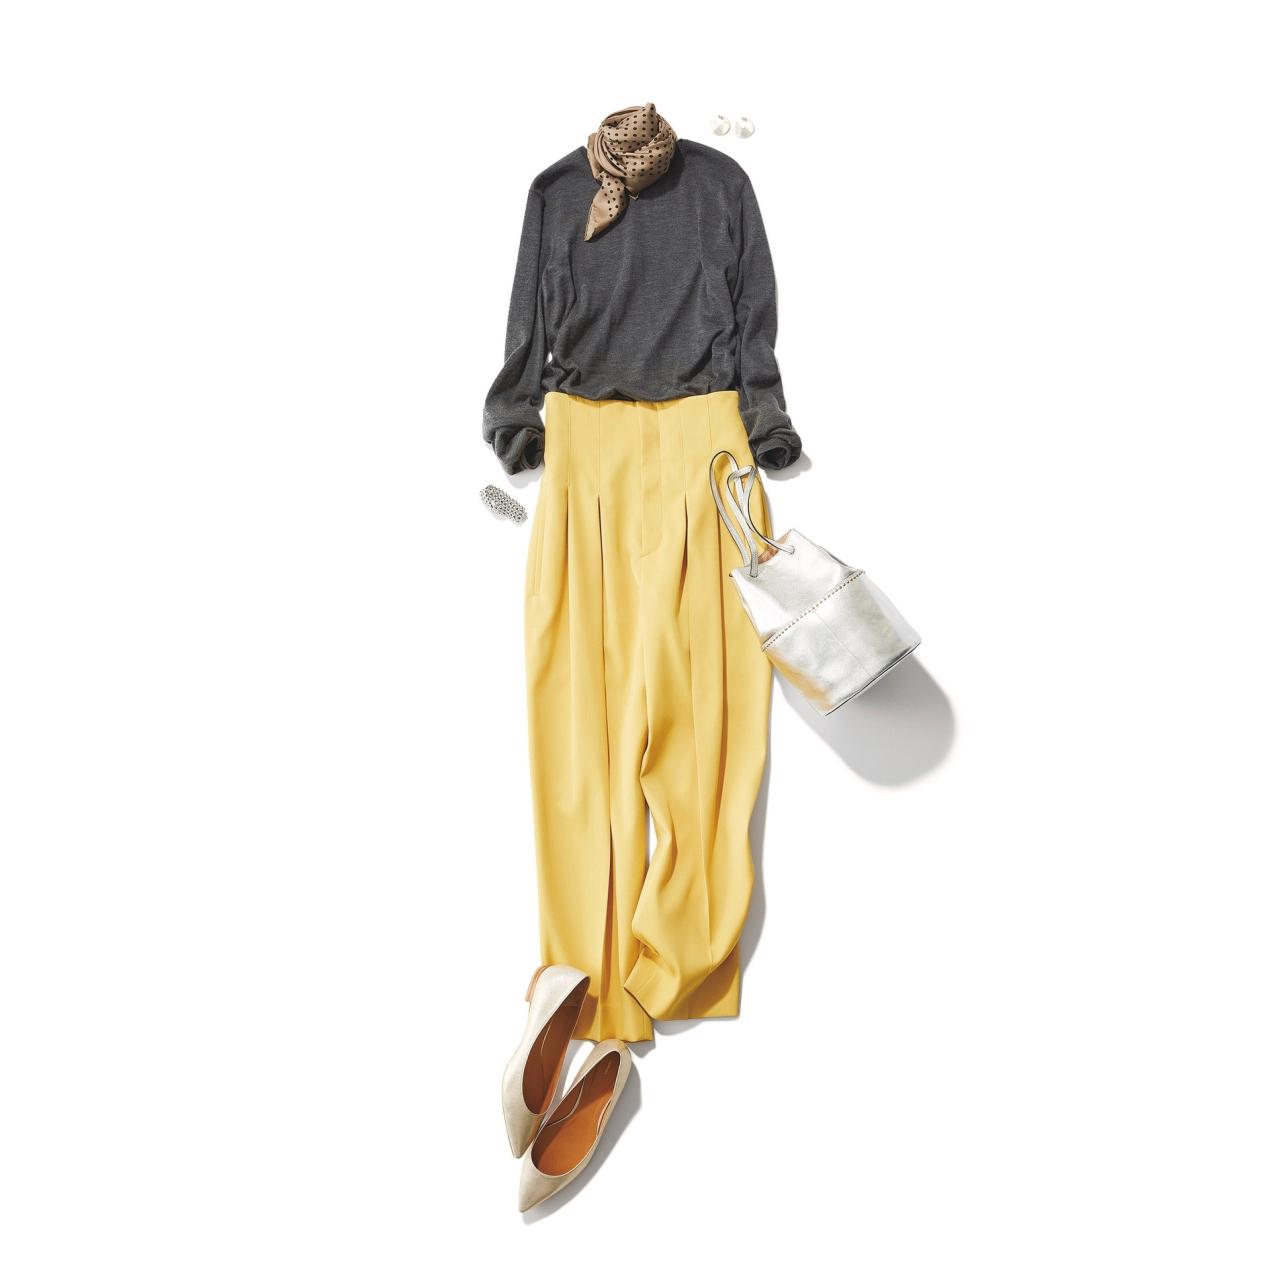 グレーニット×イエローパンツのファッションコーデ